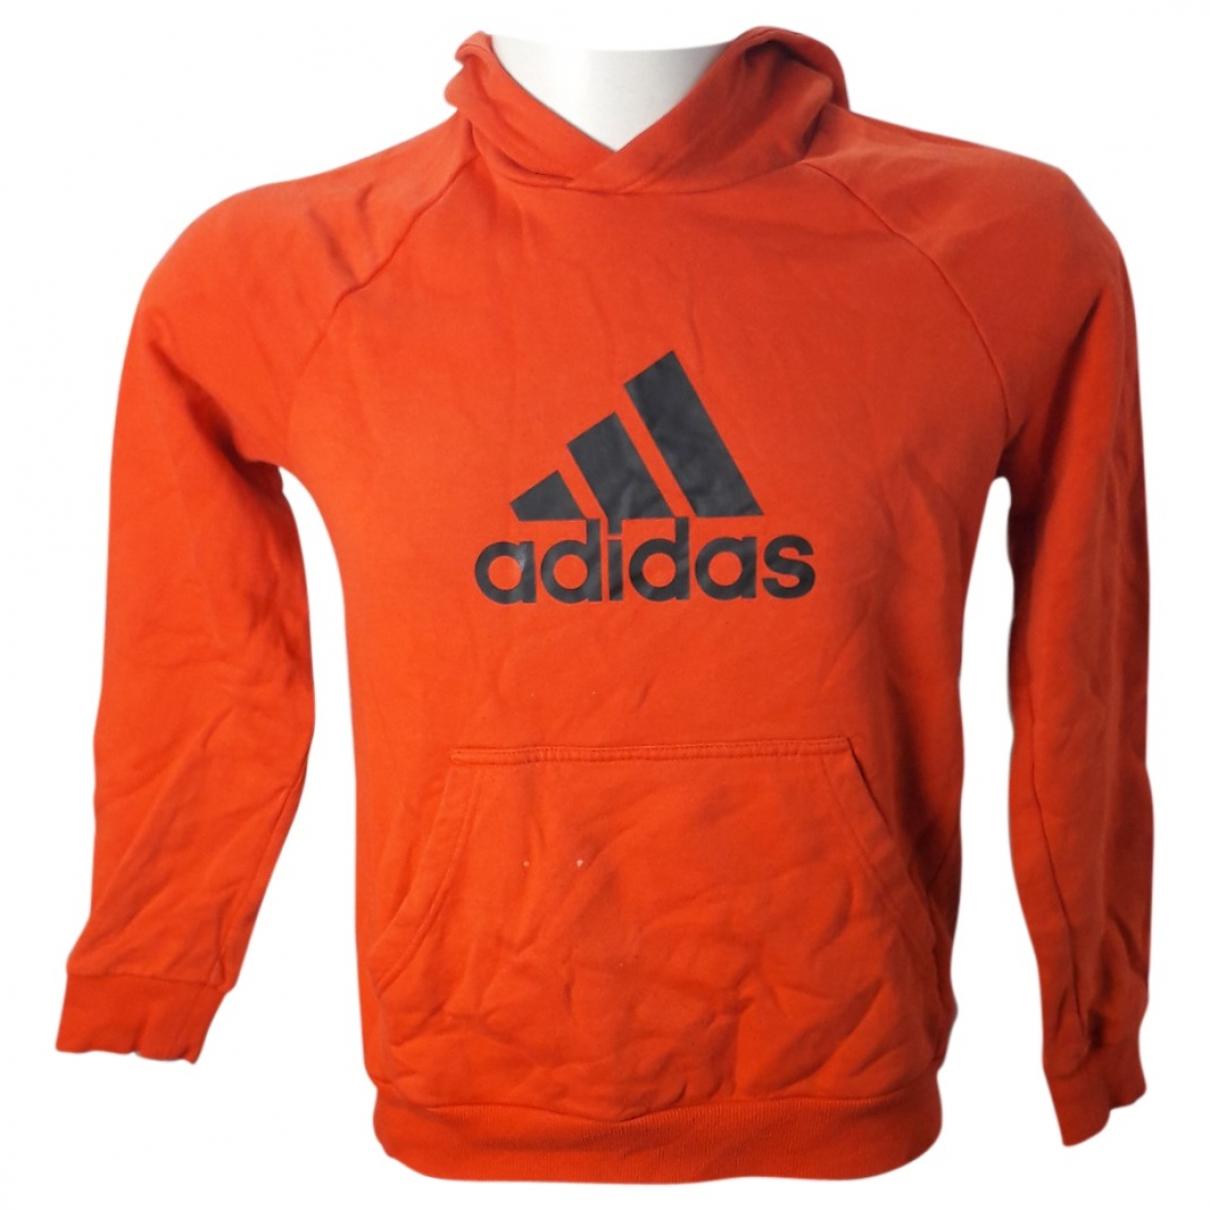 Adidas - Pull   pour enfant en coton - orange